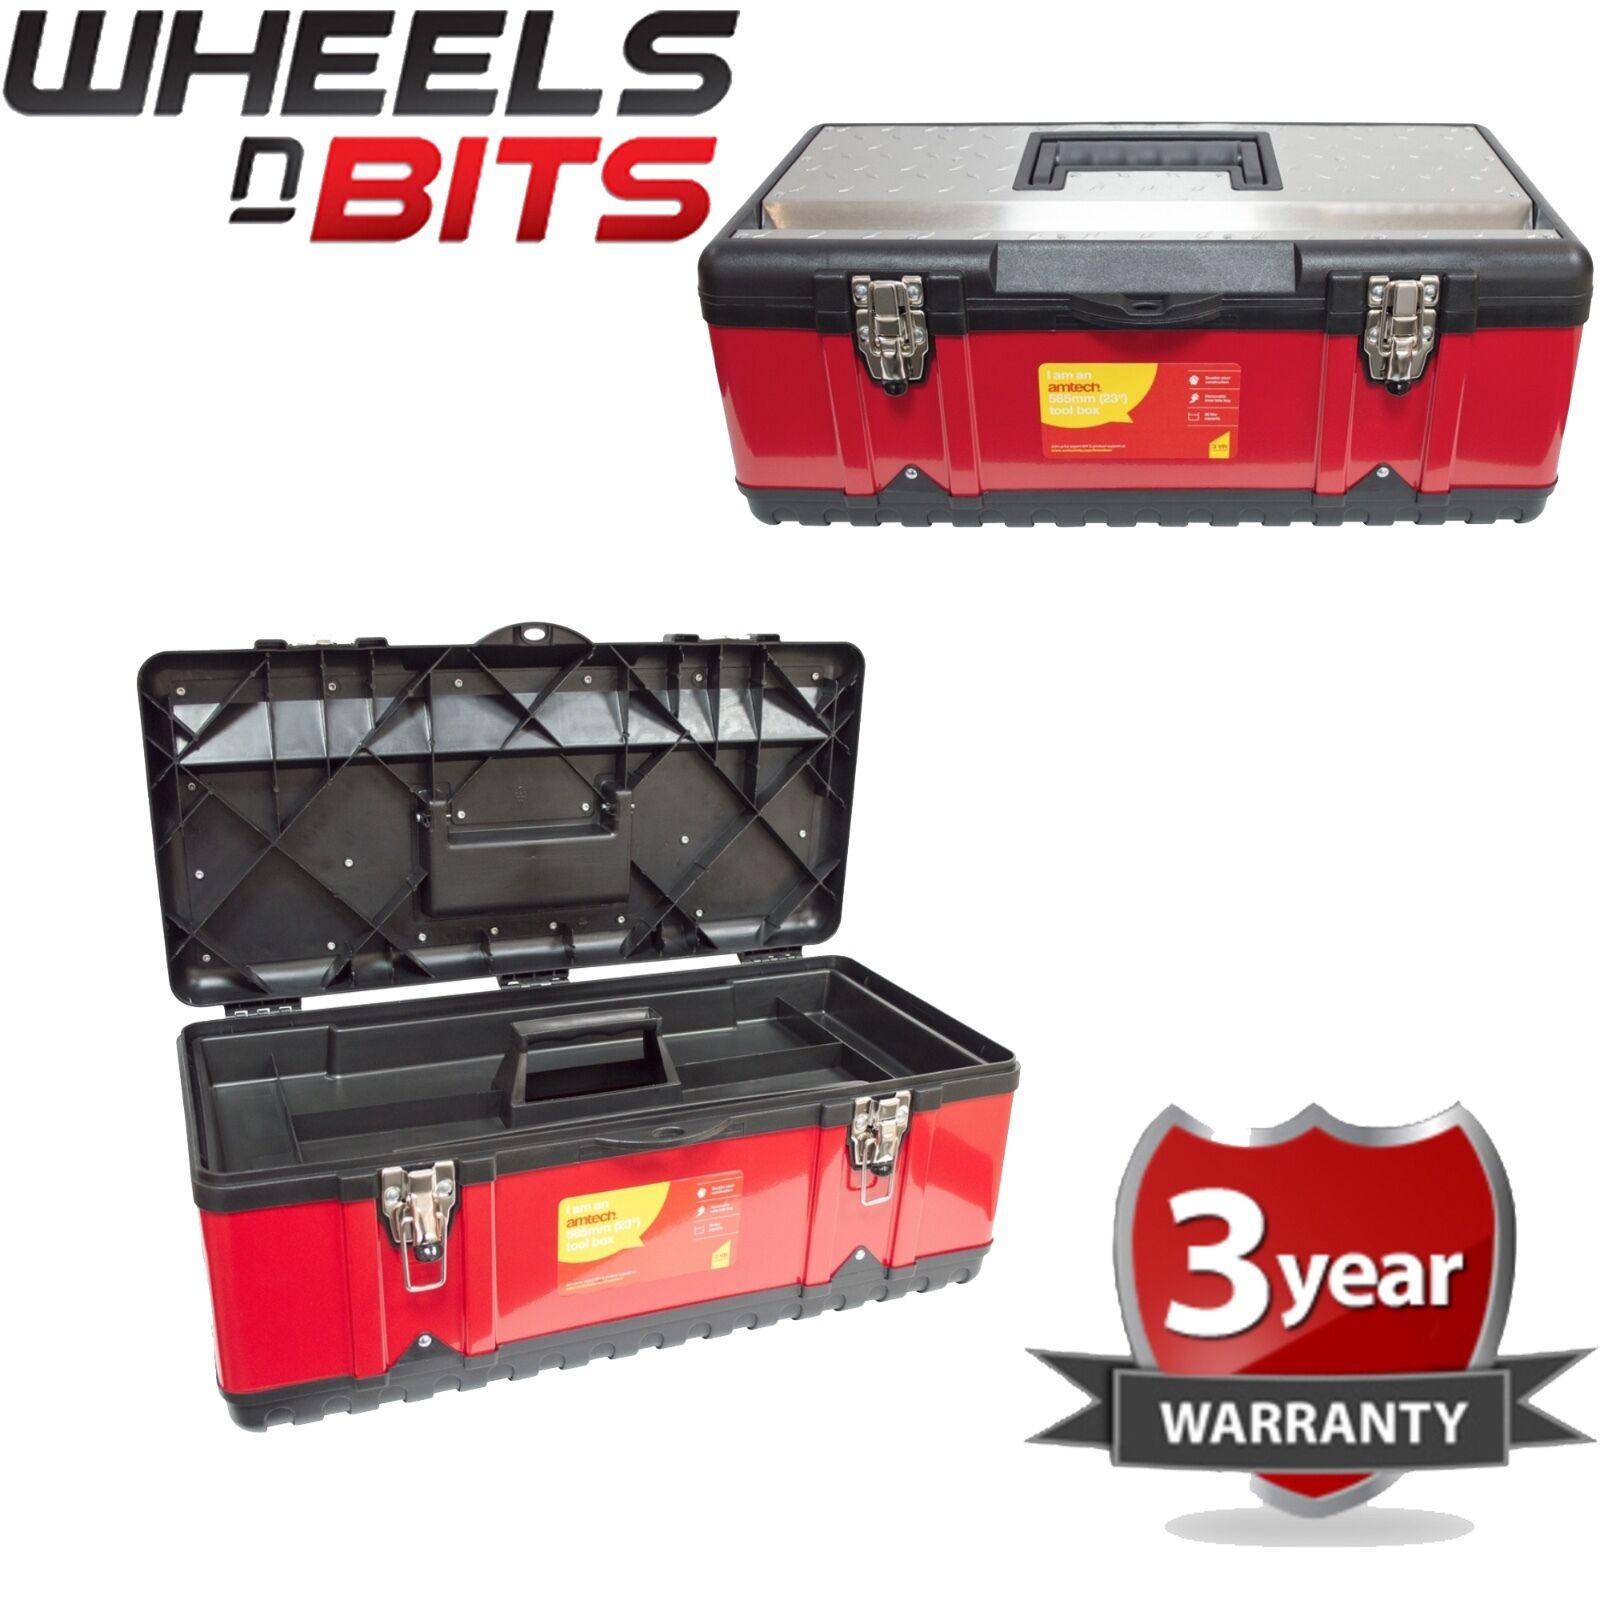 58.4cm Werkzeugbox Schwerlast-Metall Stahl und Kunststoff Kasten mit Tablett